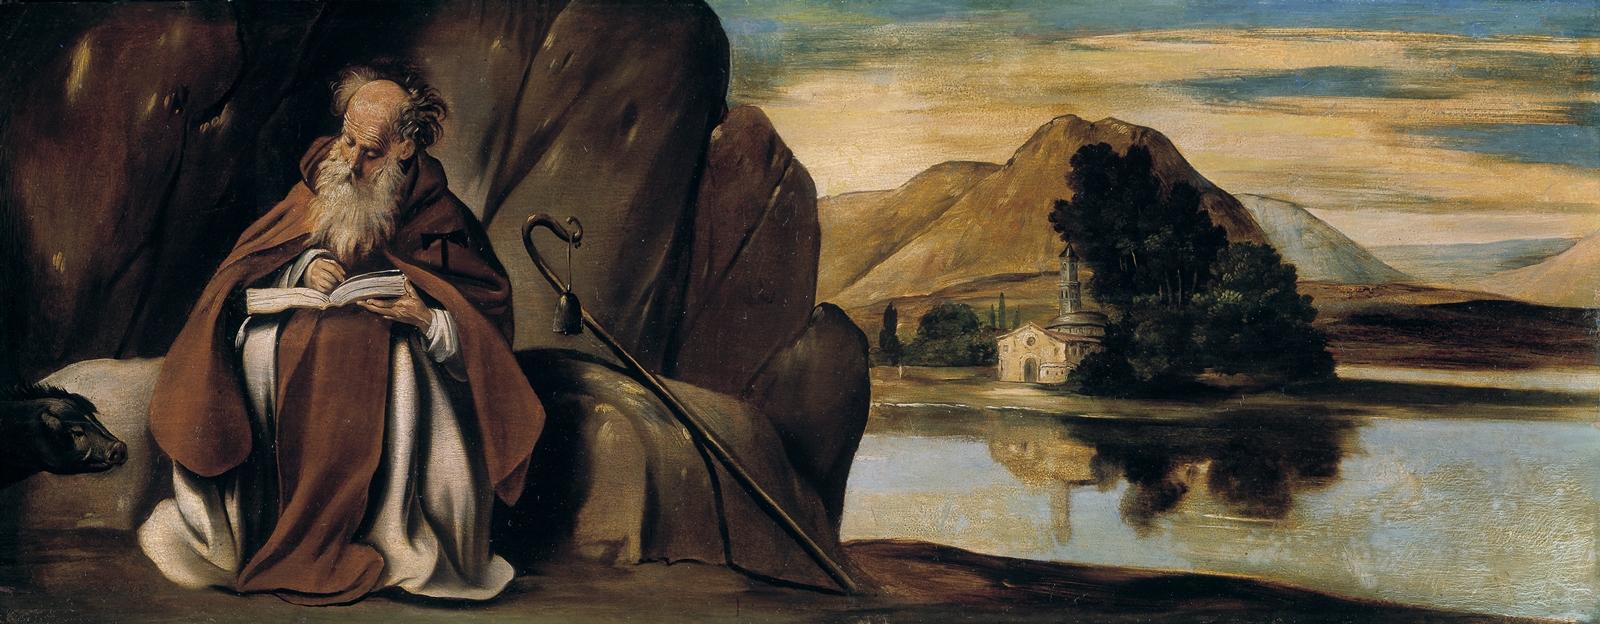 San Antonio Abad. Oleo sobre lienzo. Fray . Museo del Prado